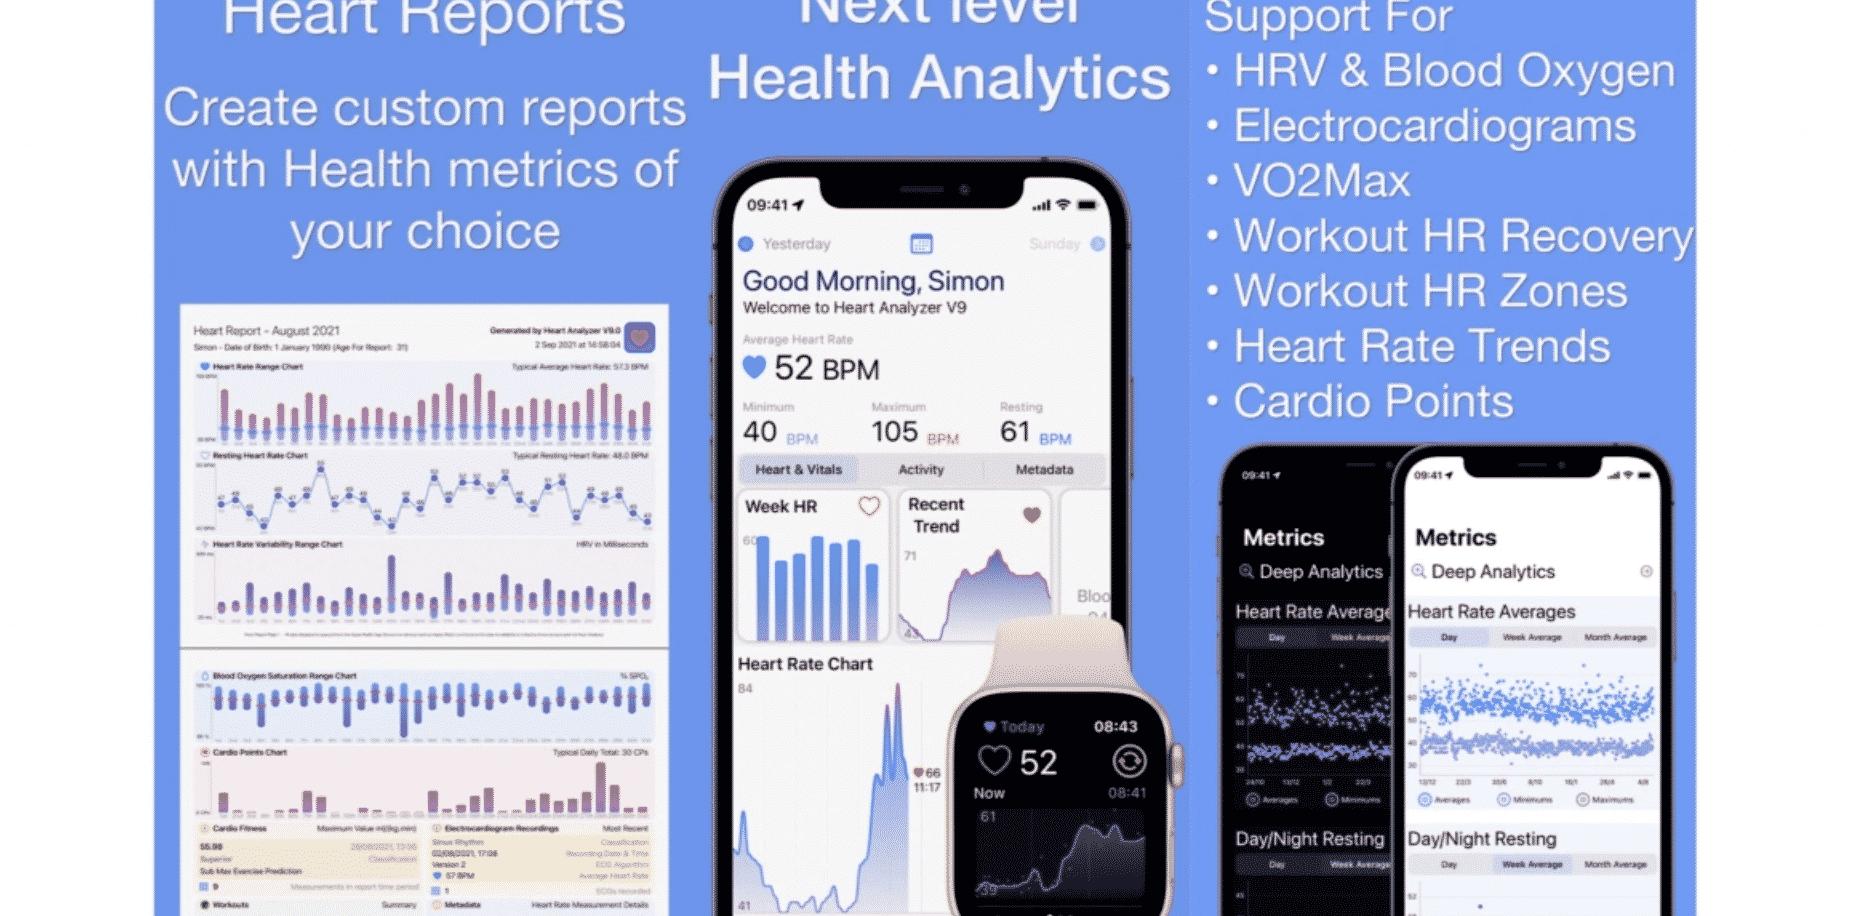 Heart Analyzer App